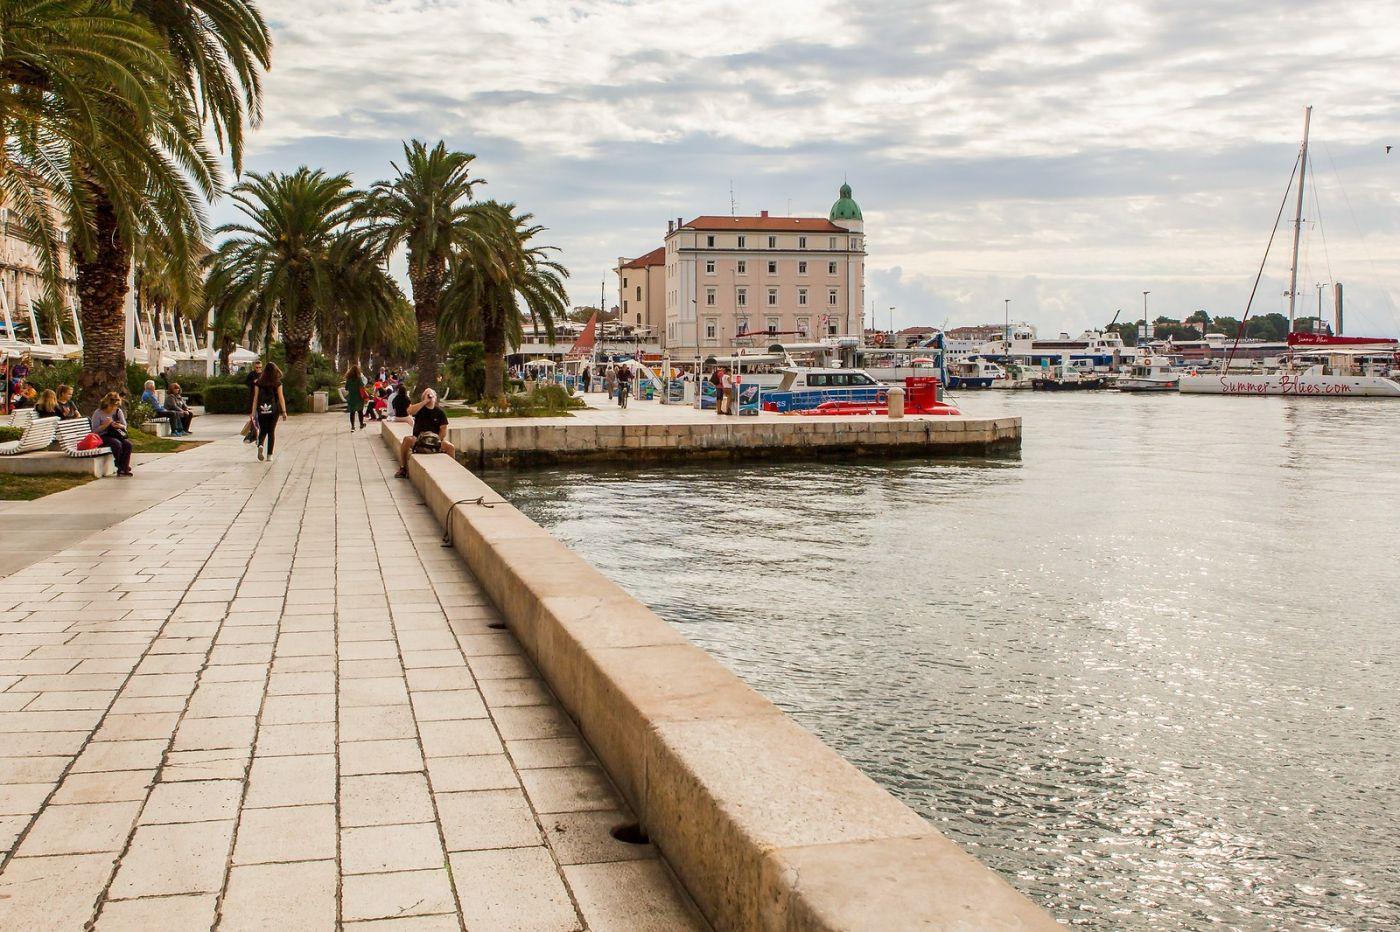 克罗地亚斯普利特(Split),美丽海滨城市_图1-4